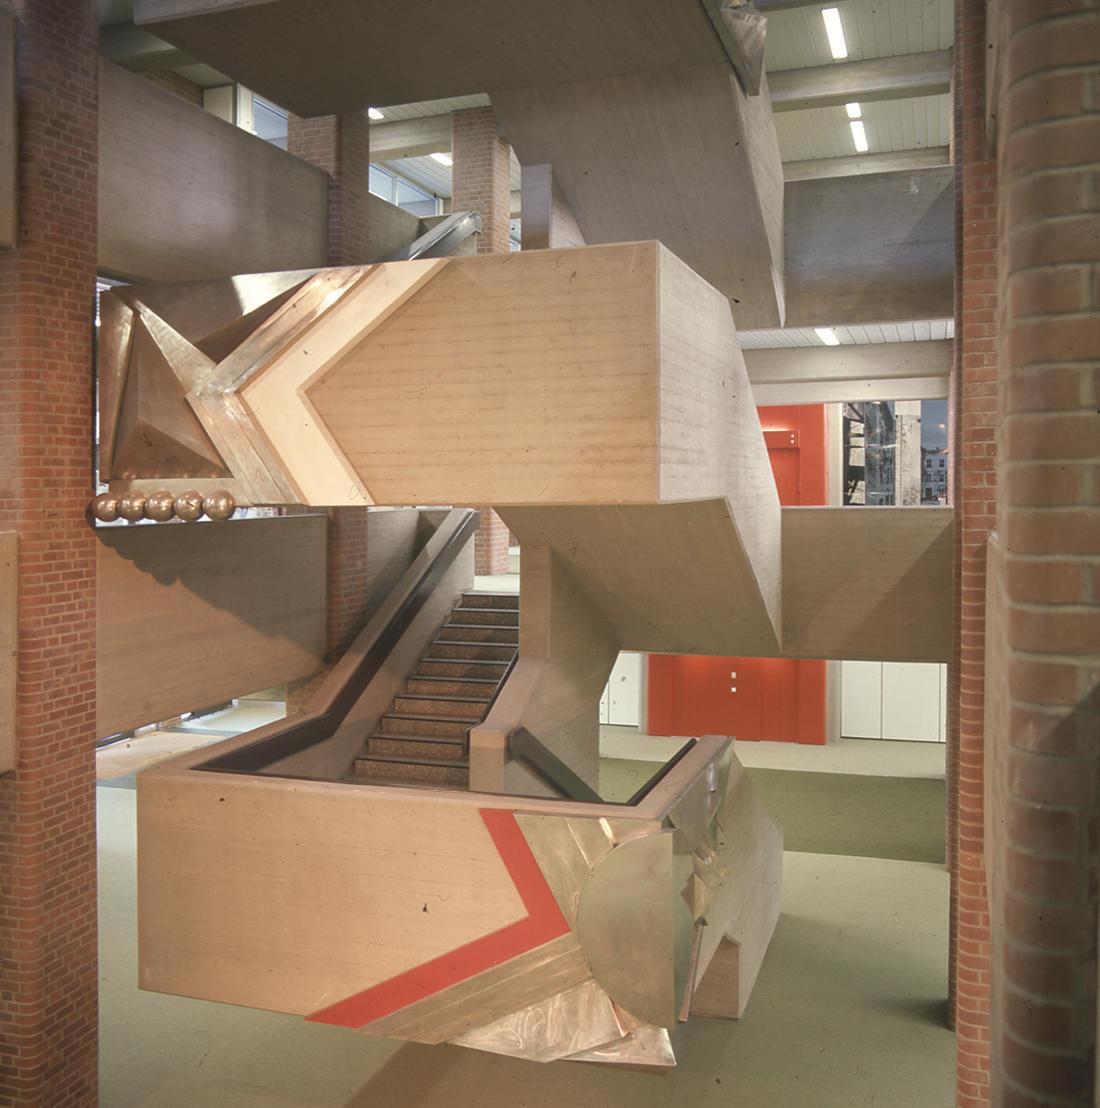 Berlin, Französisches Gymnasium (Entwurf: Pysall und Rollenhagen, Realisierung Architekten PJS, 1966–1974) (Bild: SAIB G124)